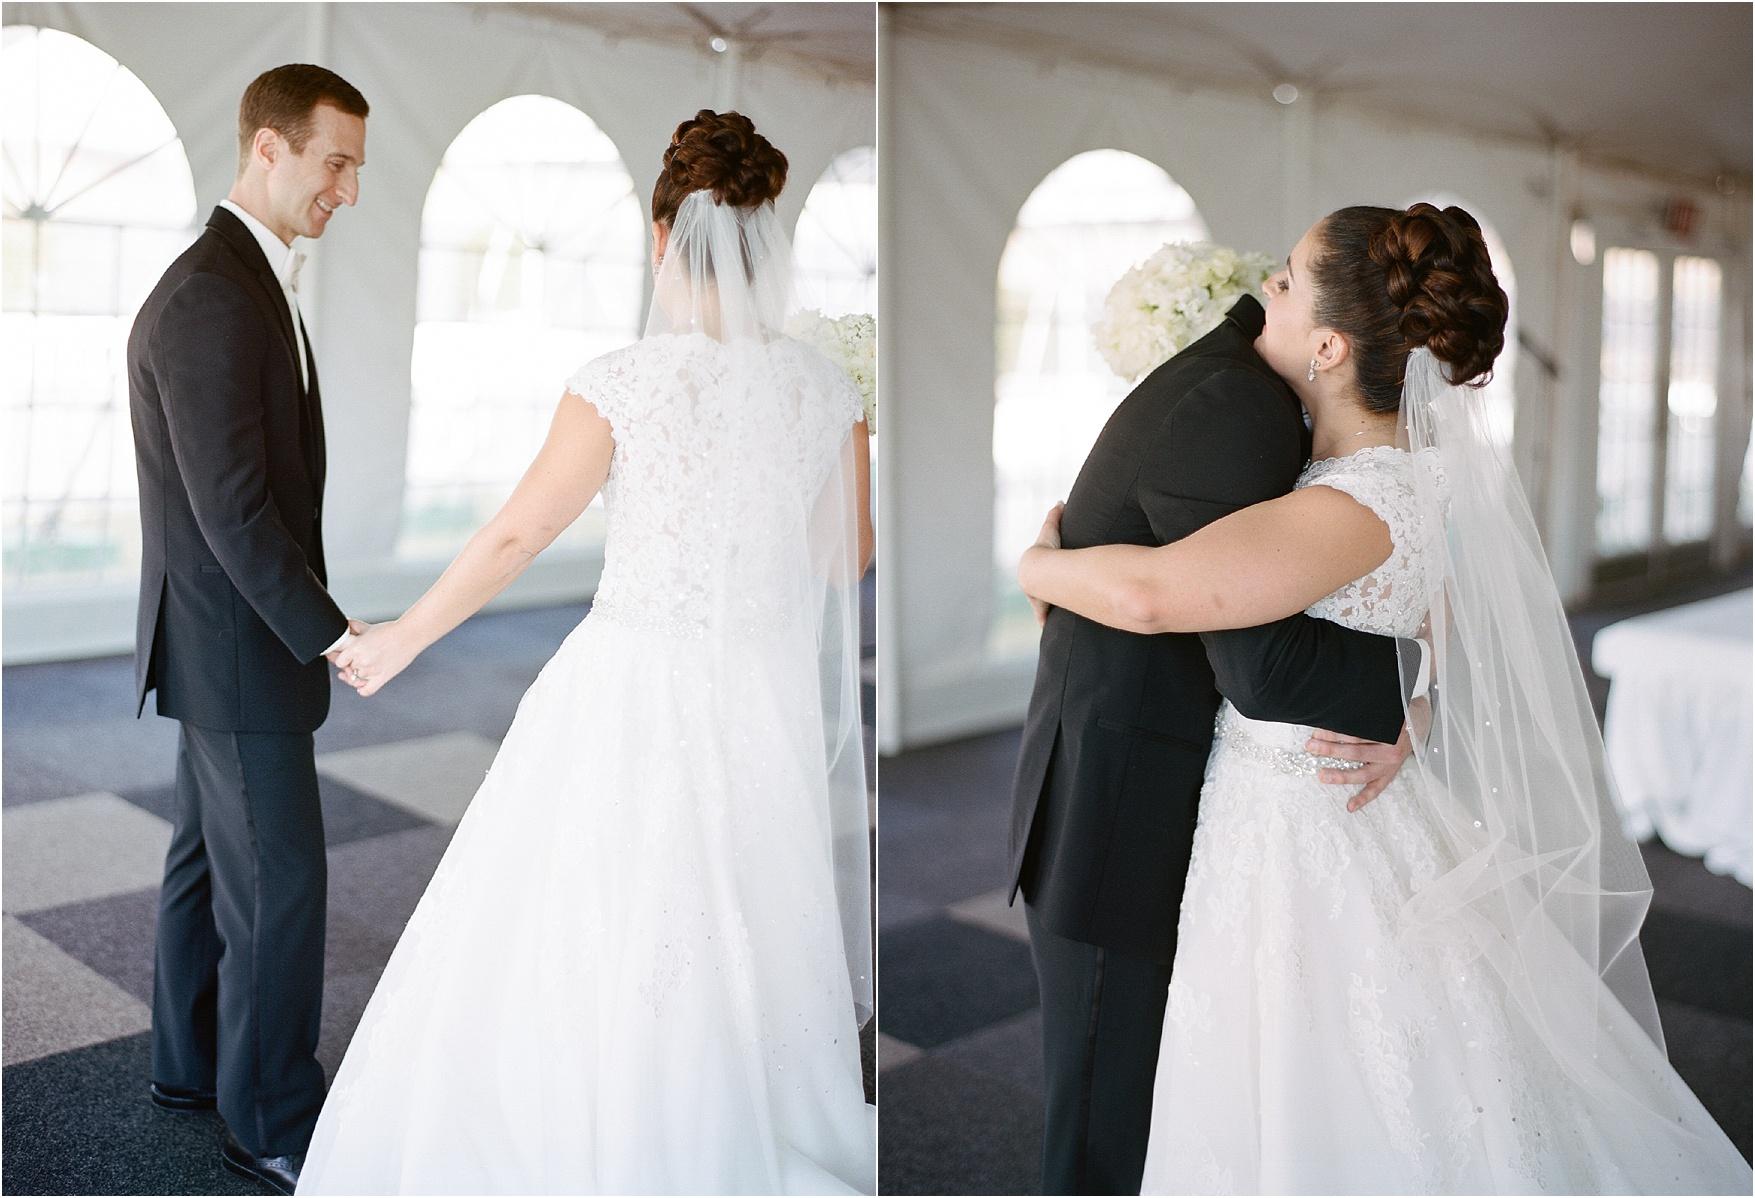 wedding photography st louis_lauren muckler photography_film photographer_film wedding_0052.jpg